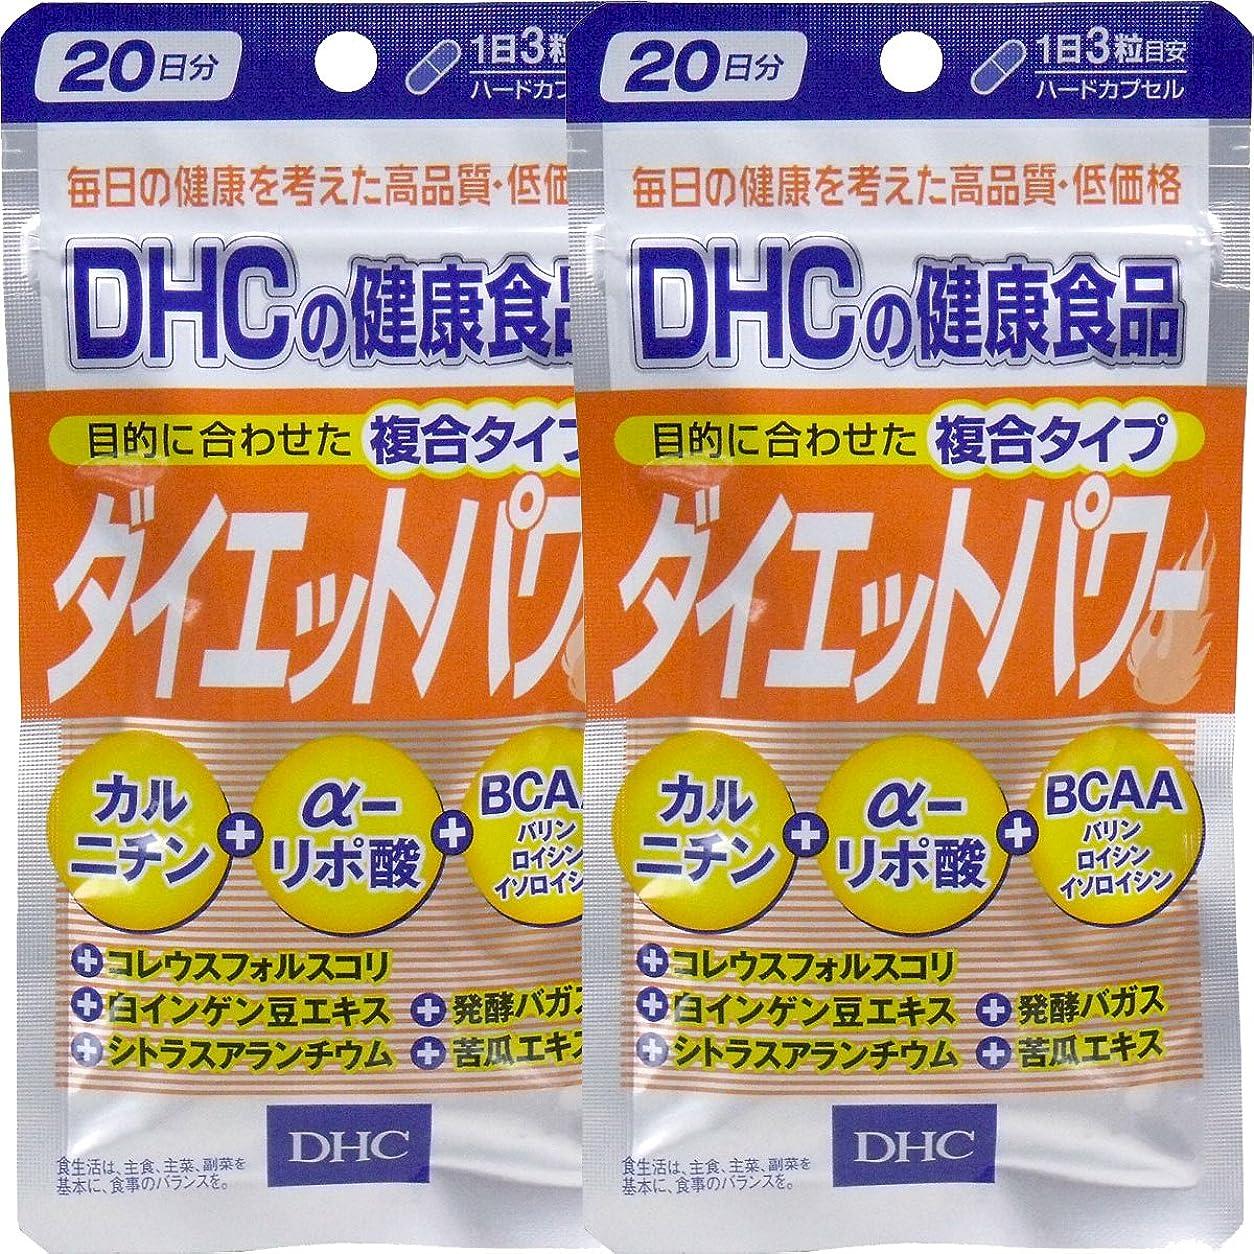 応じるブランクパッケージDHC ダイエットパワー 20日分 60粒 ×2個セット